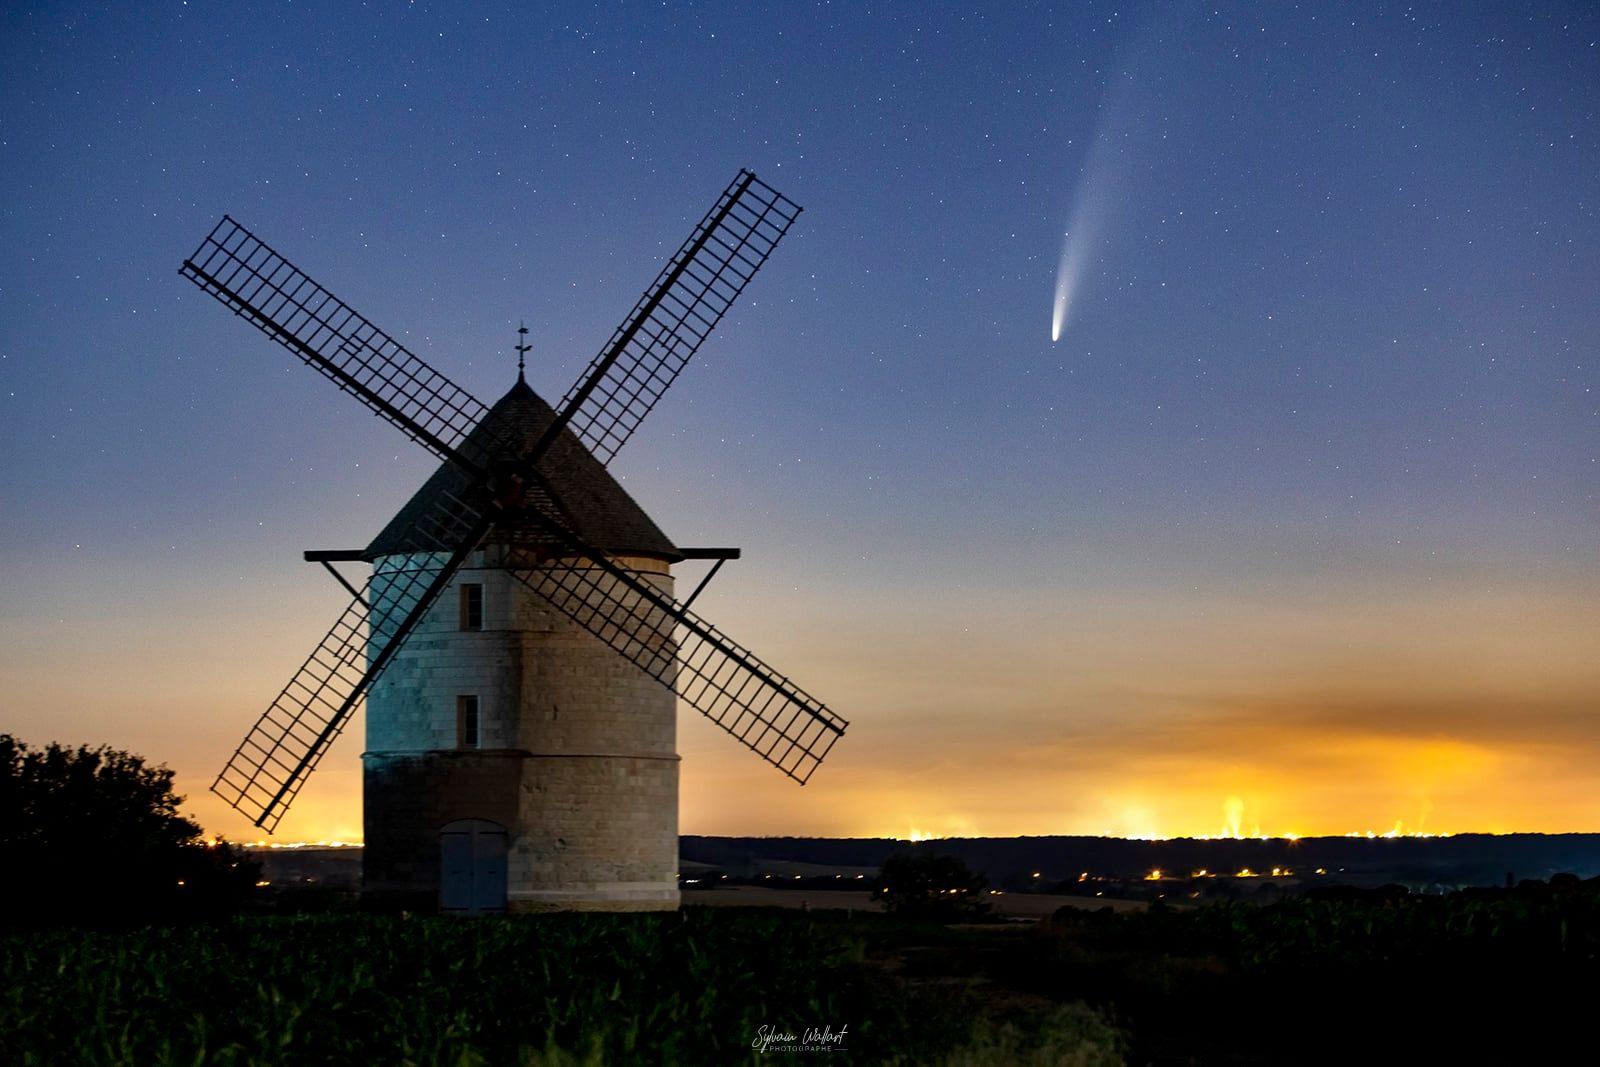 Neowise et le moulin de Nortbécourt 107745749_3361128247272898_5086251819948183491_o